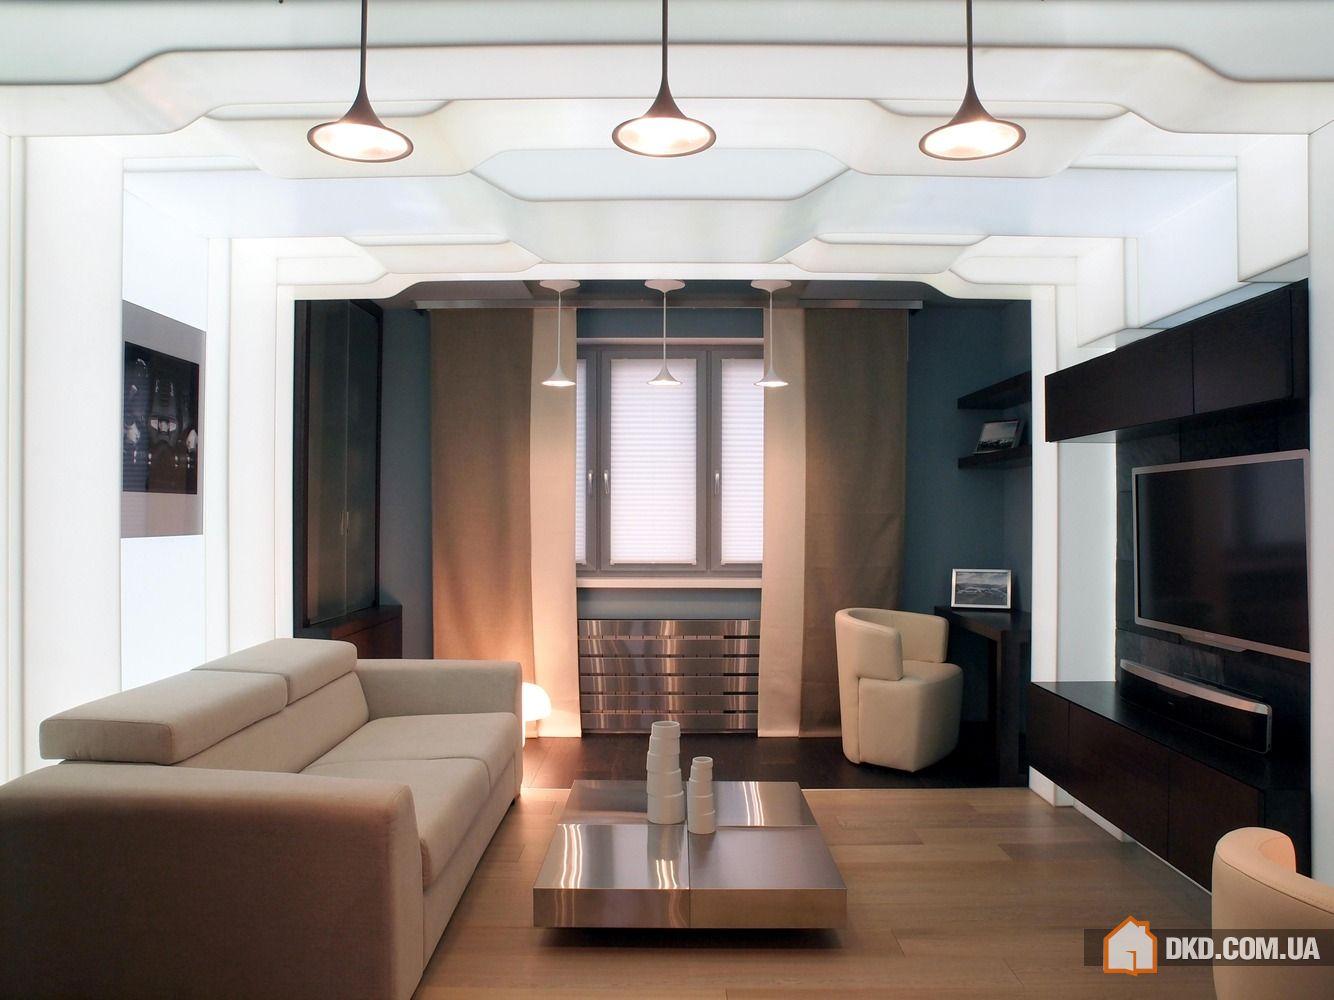 Смотреть онлайн бесплатно дизайн гостиной